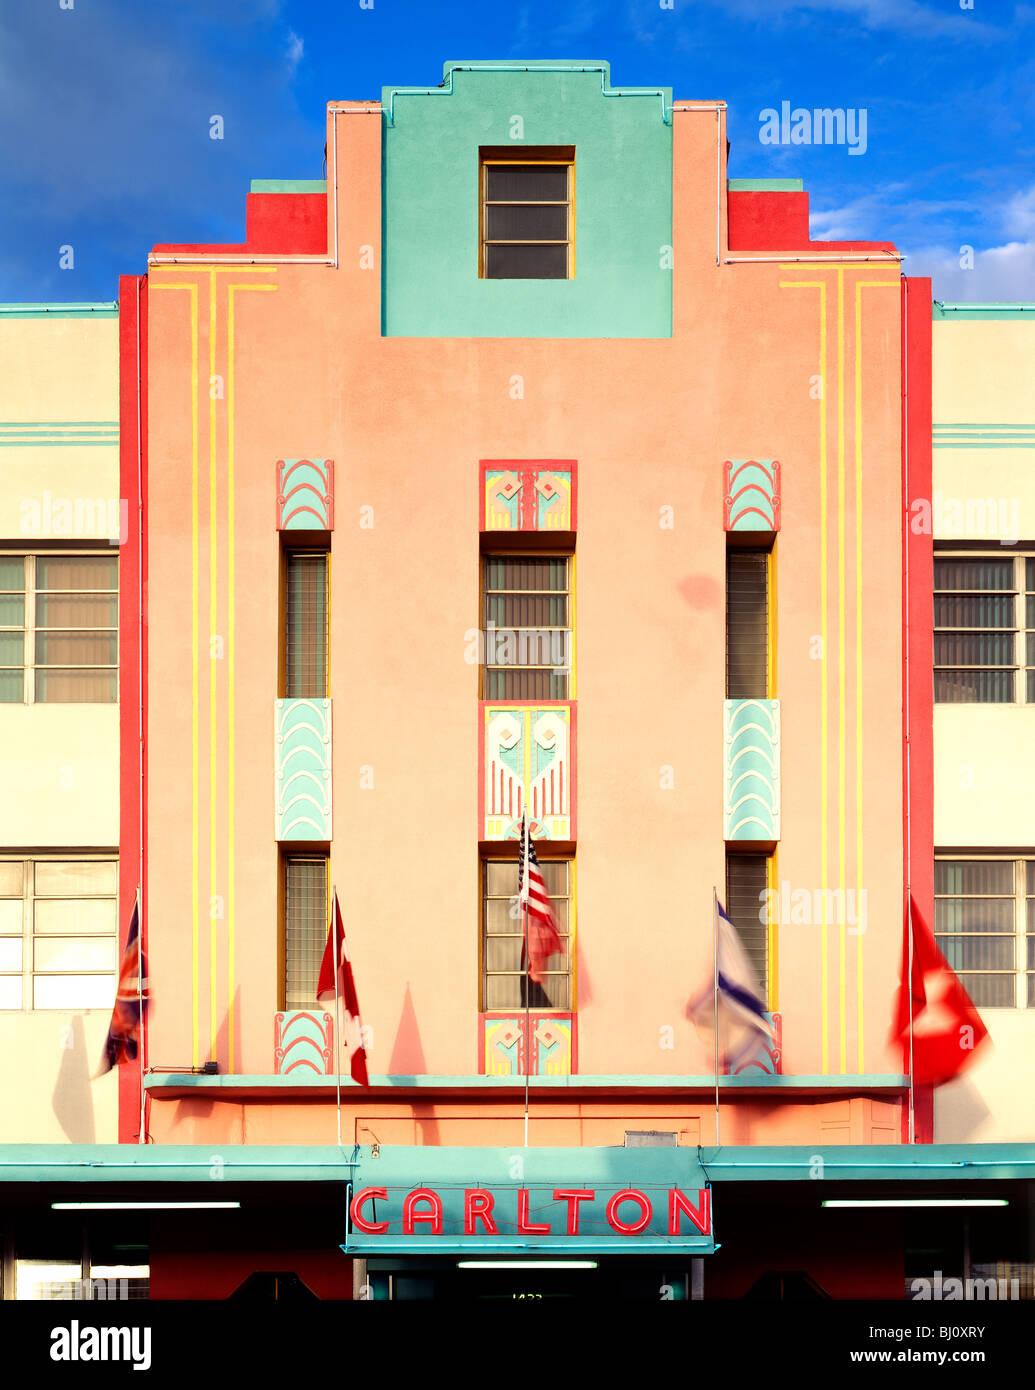 Carlton Hotel Art Deco edifício em estilo arquitectónico revitalizada South Beach, Miami, Florida, ESTADOS Imagens de Stock